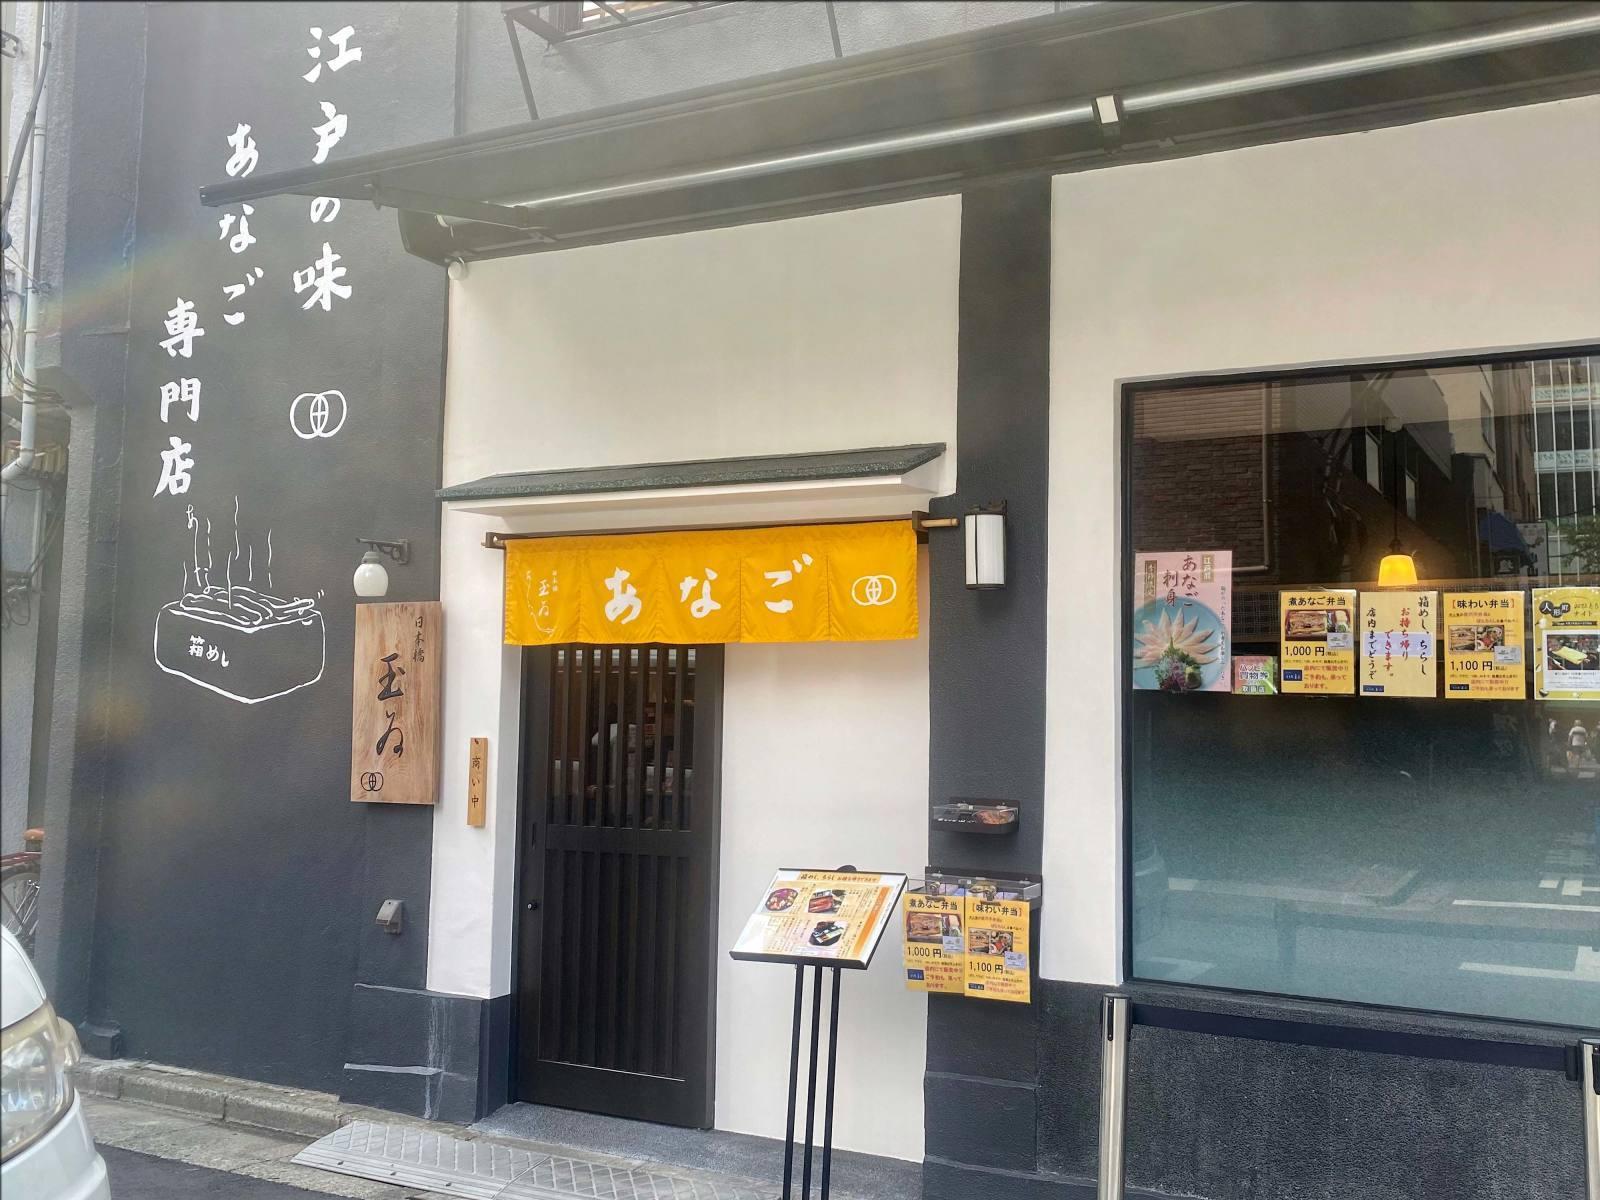 日本橋 玉ゐの煮あなご弁当@人形町店_b0054329_09151526.jpg